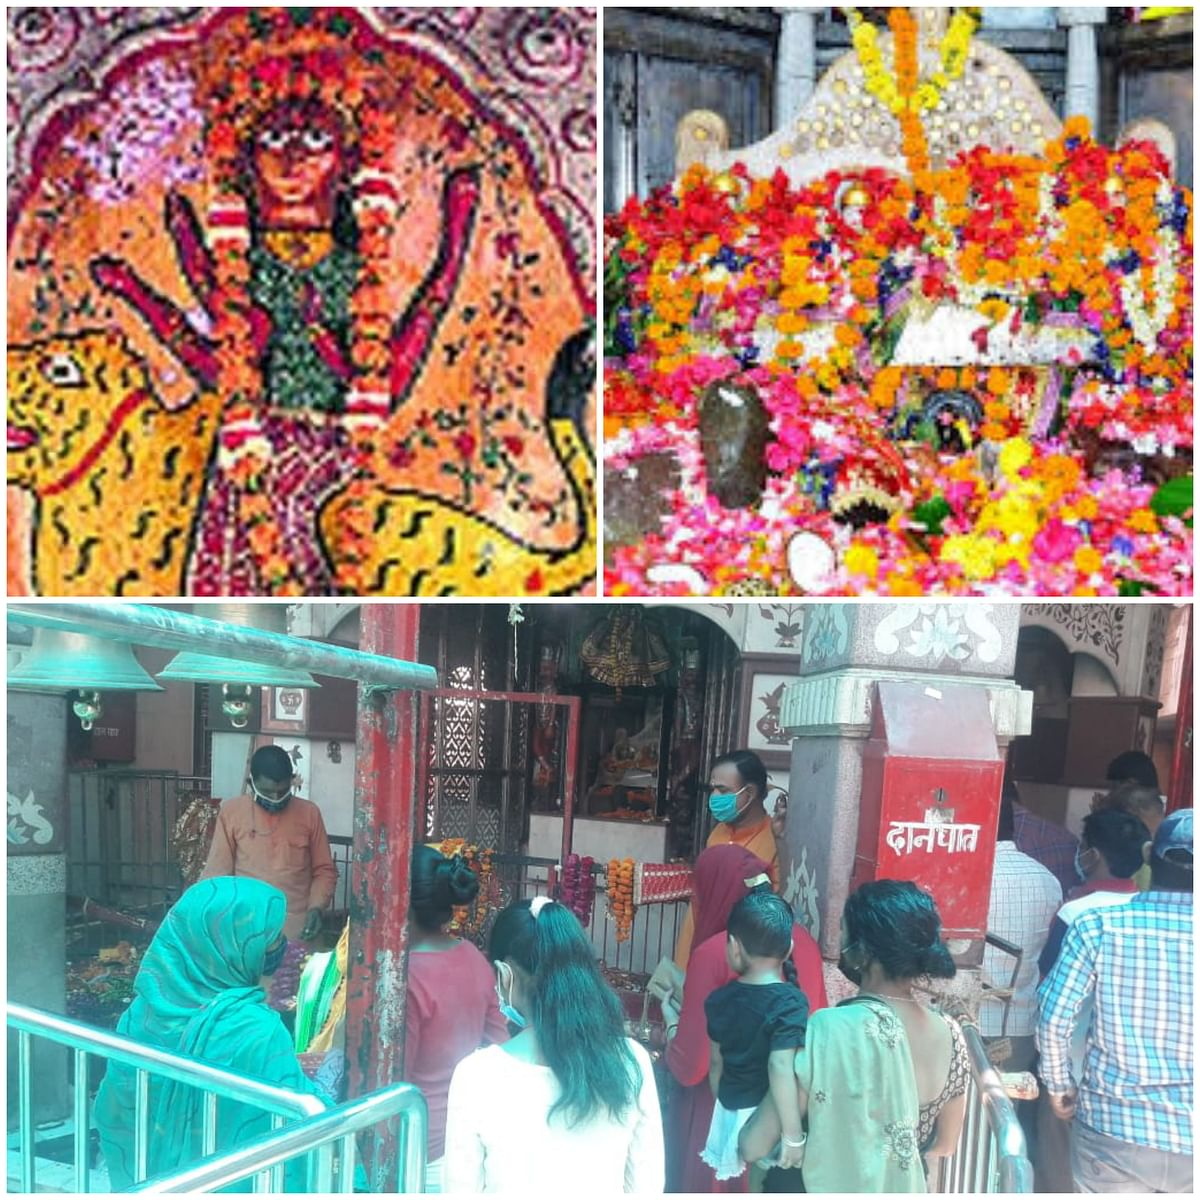 चैत्र नवरात्र : घरों में मां ब्रह्माचारिणी की पूजा कर भक्तों  ने मांगा आशीर्वाद, मंदिरों की रौनक रही फीकी